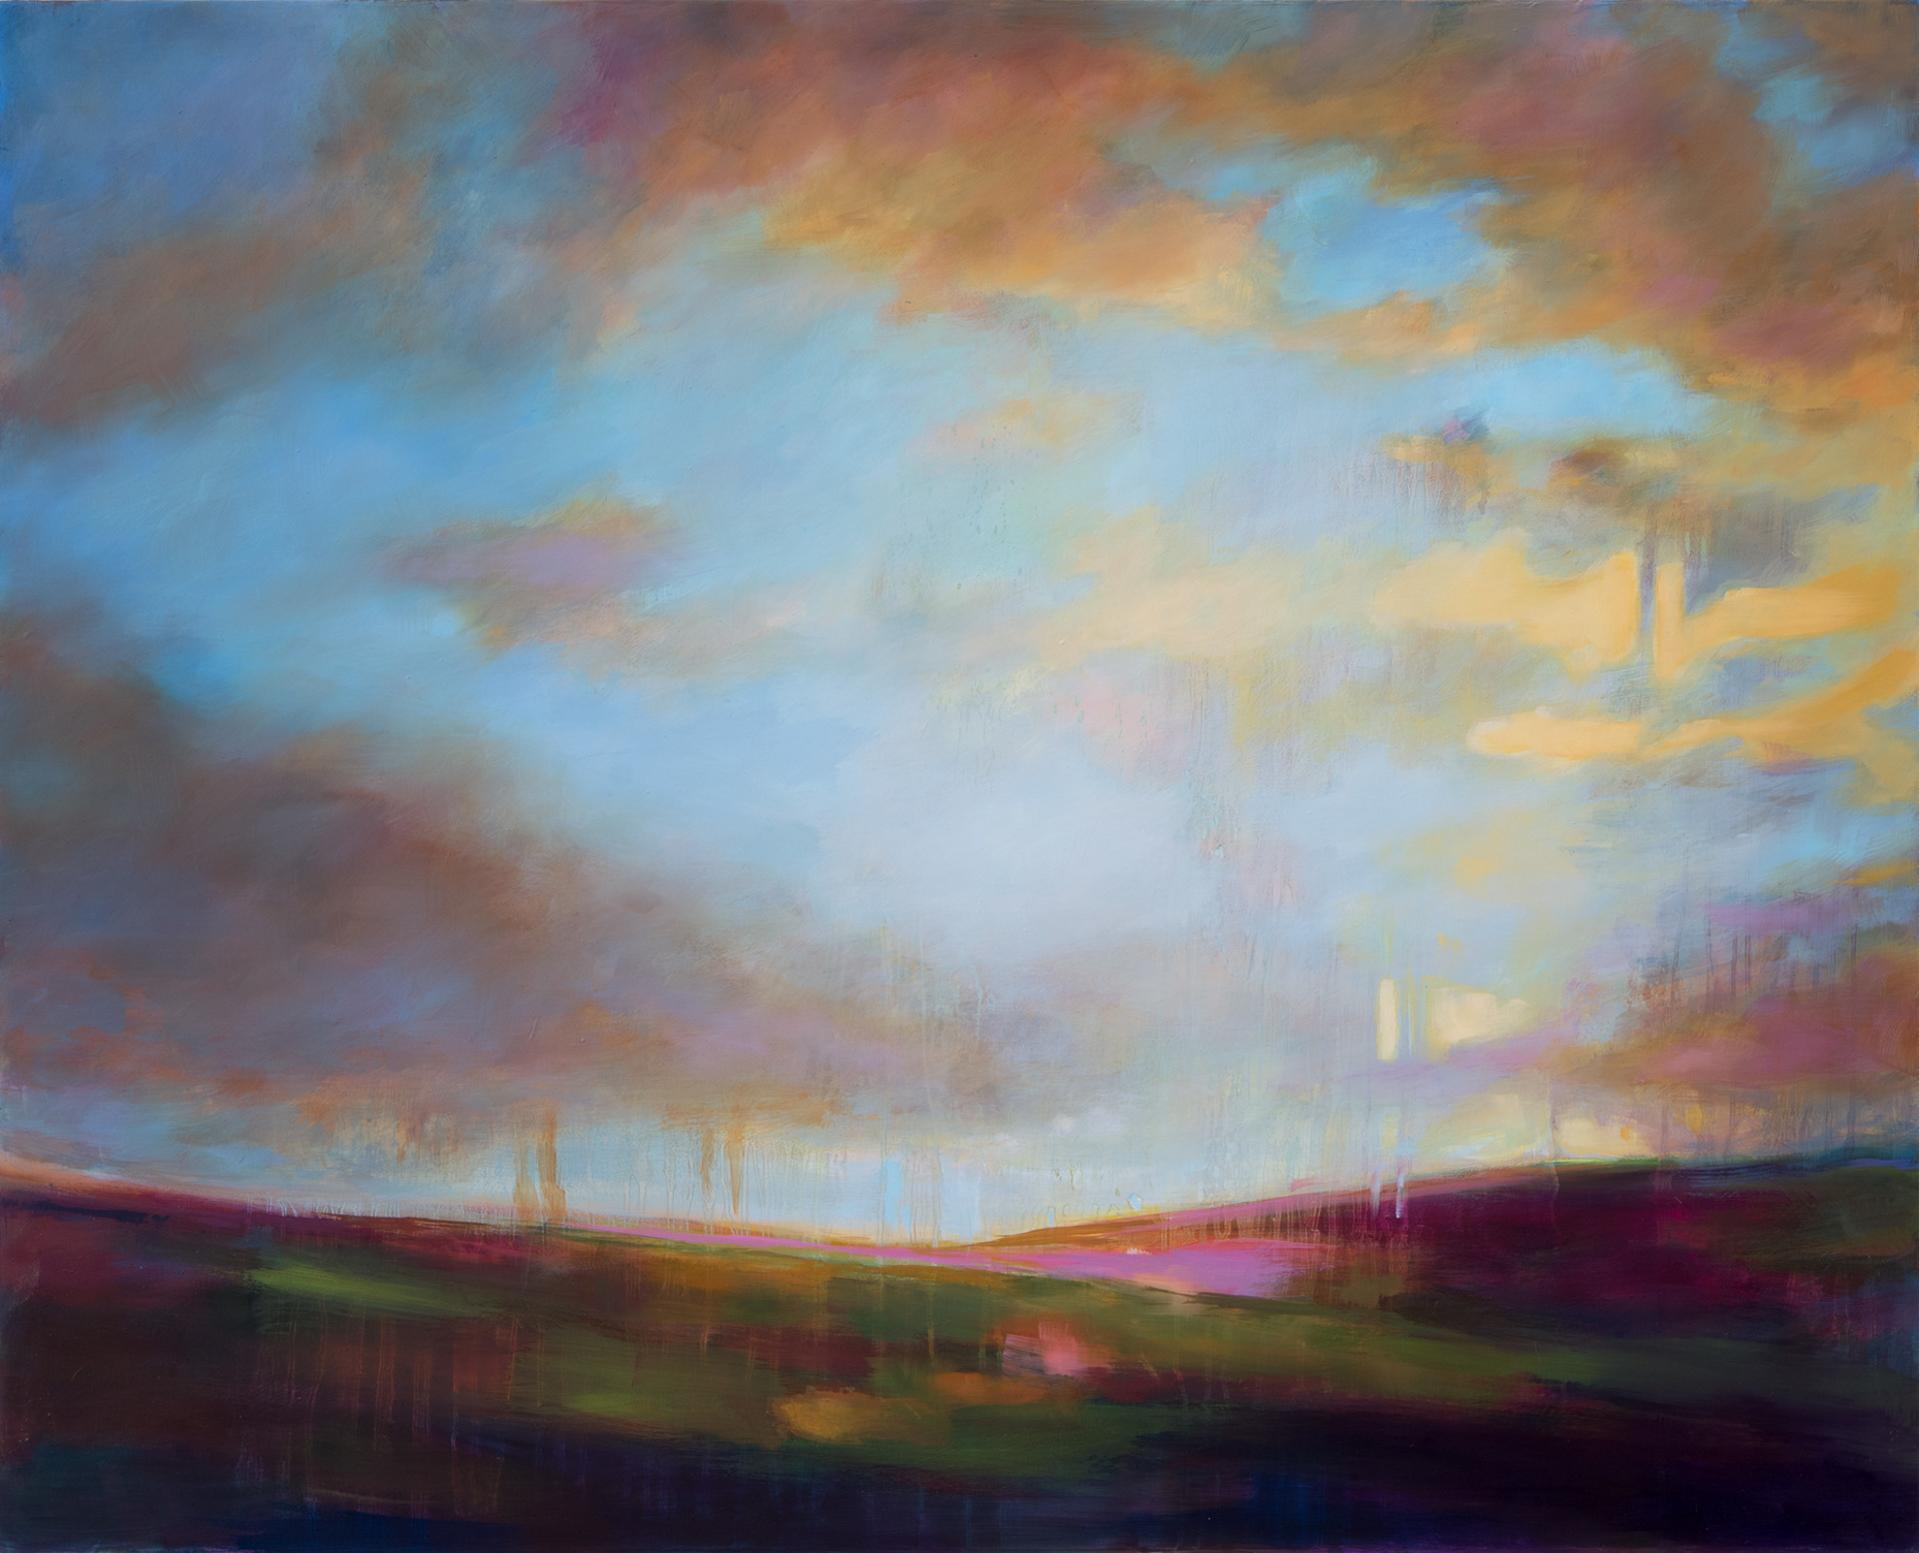 The Wandering Lost by Nicole Renee Ryan